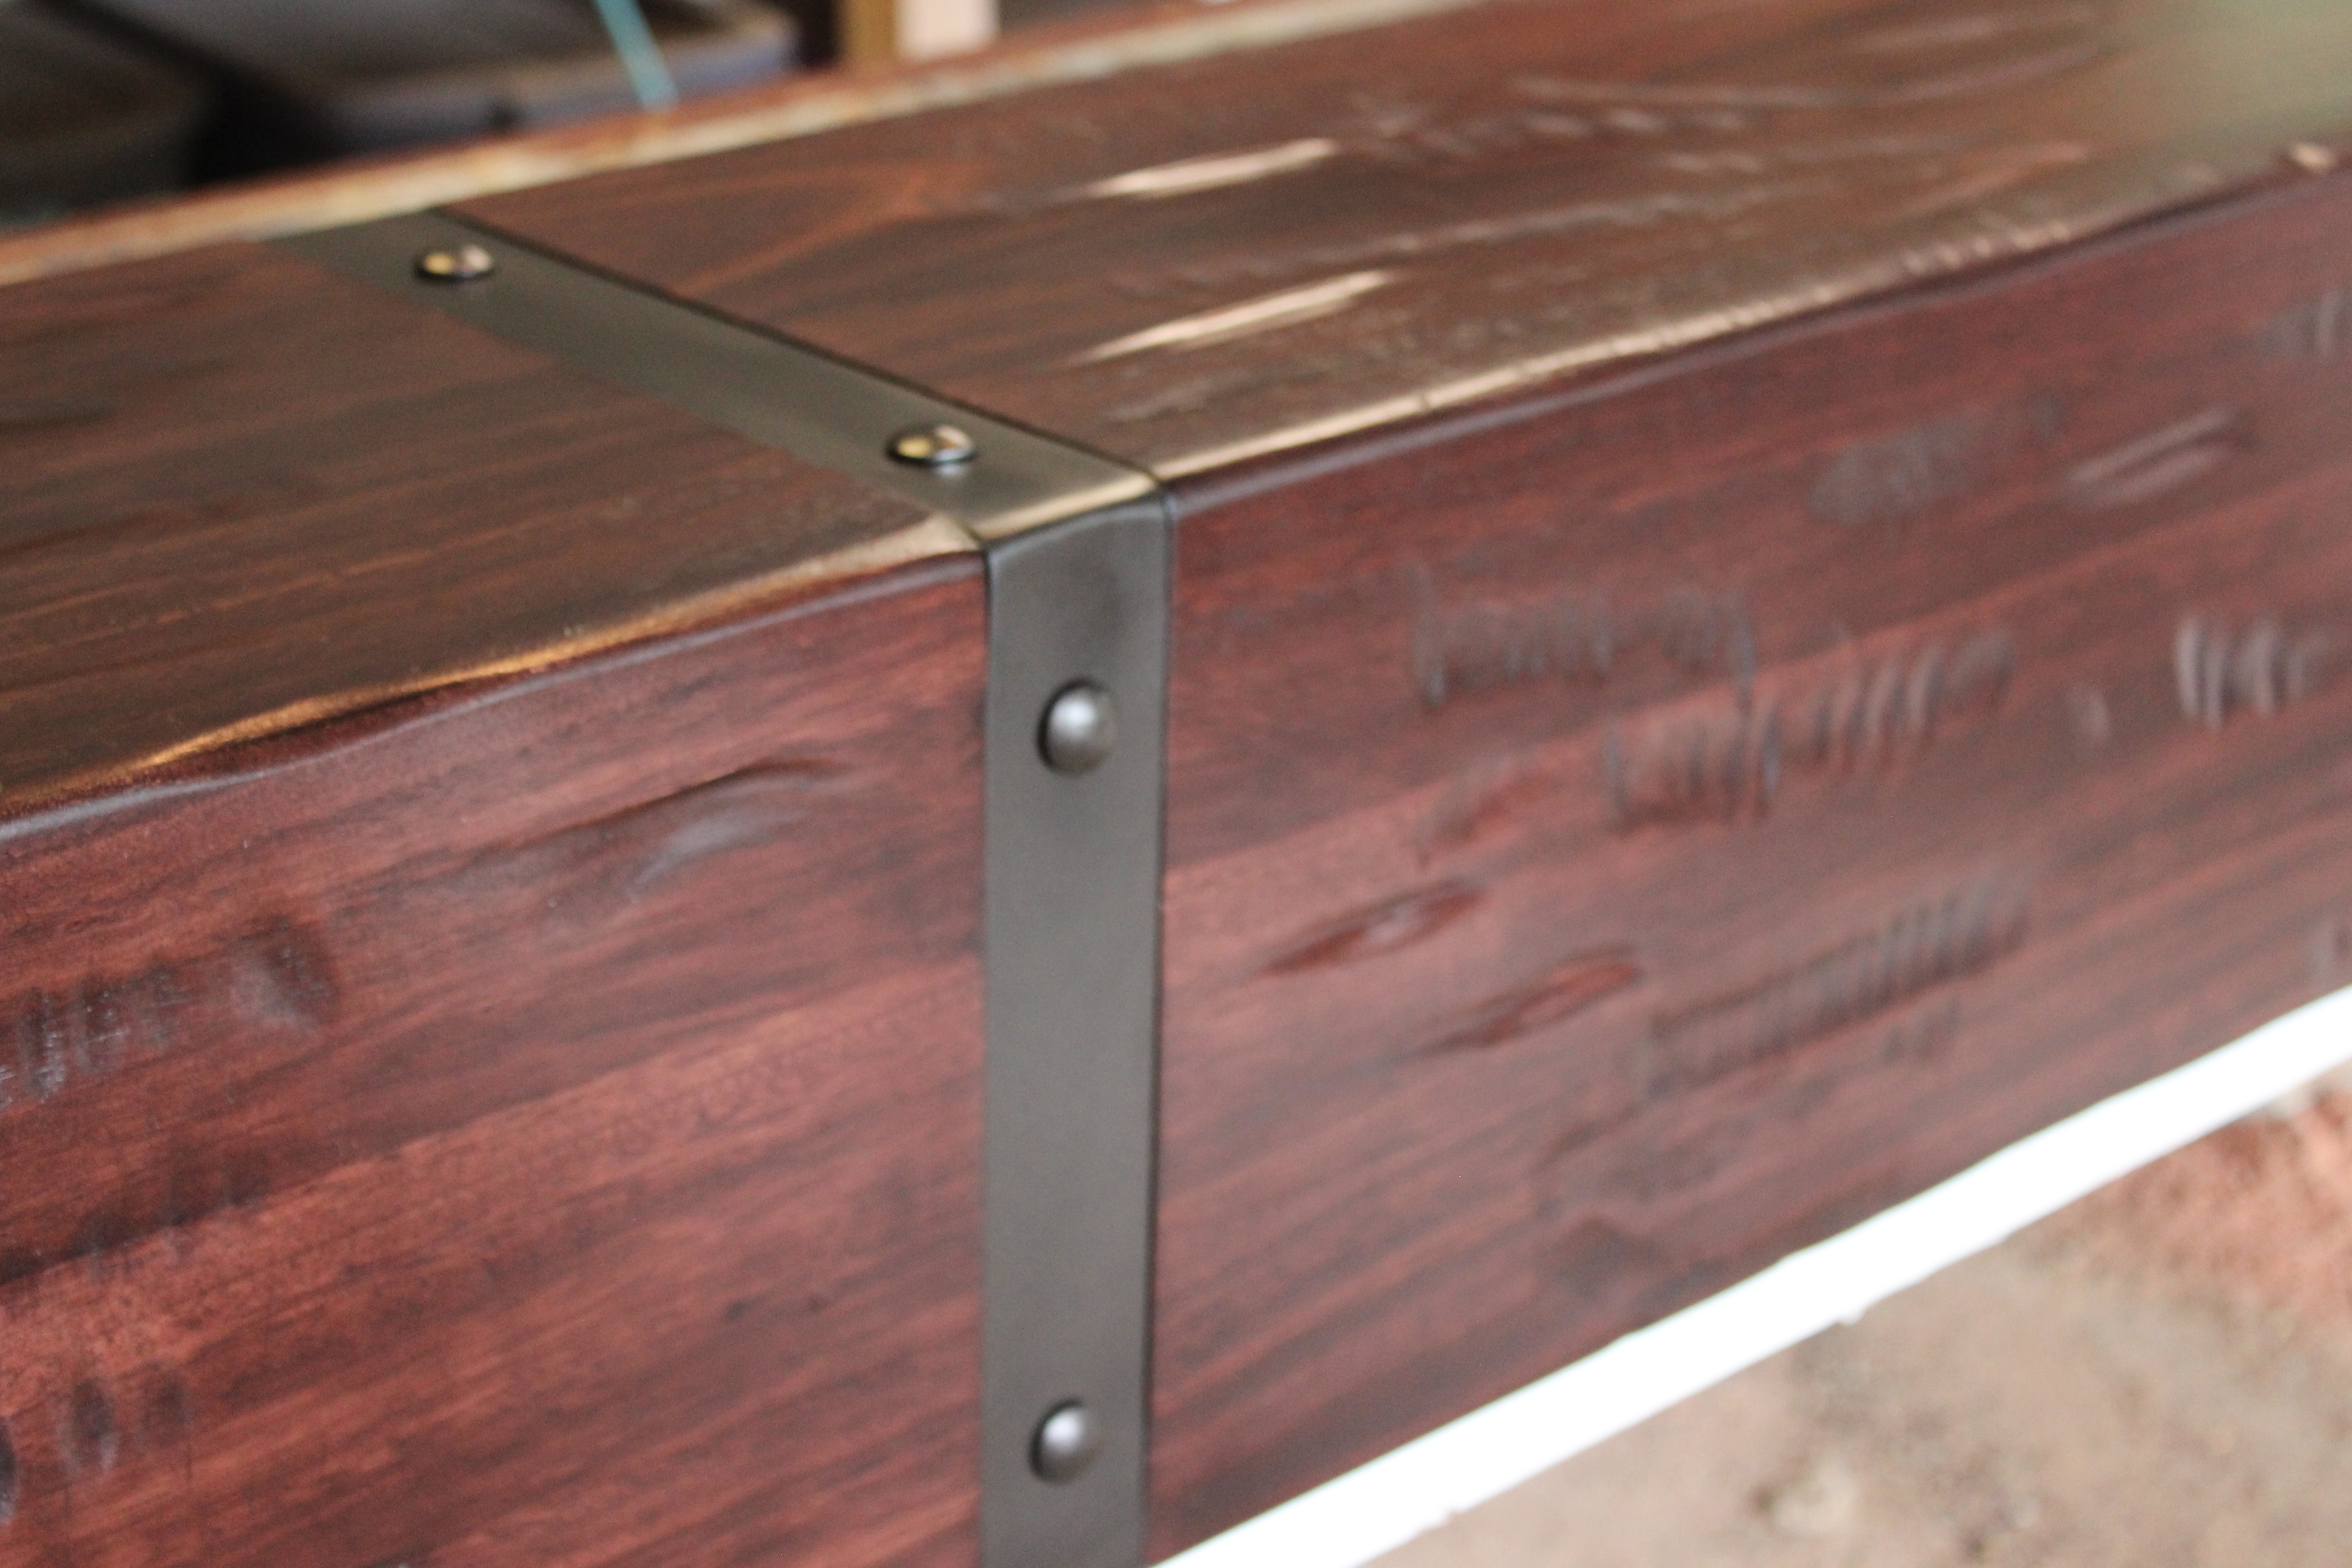 Red Gratus hardwood mantle